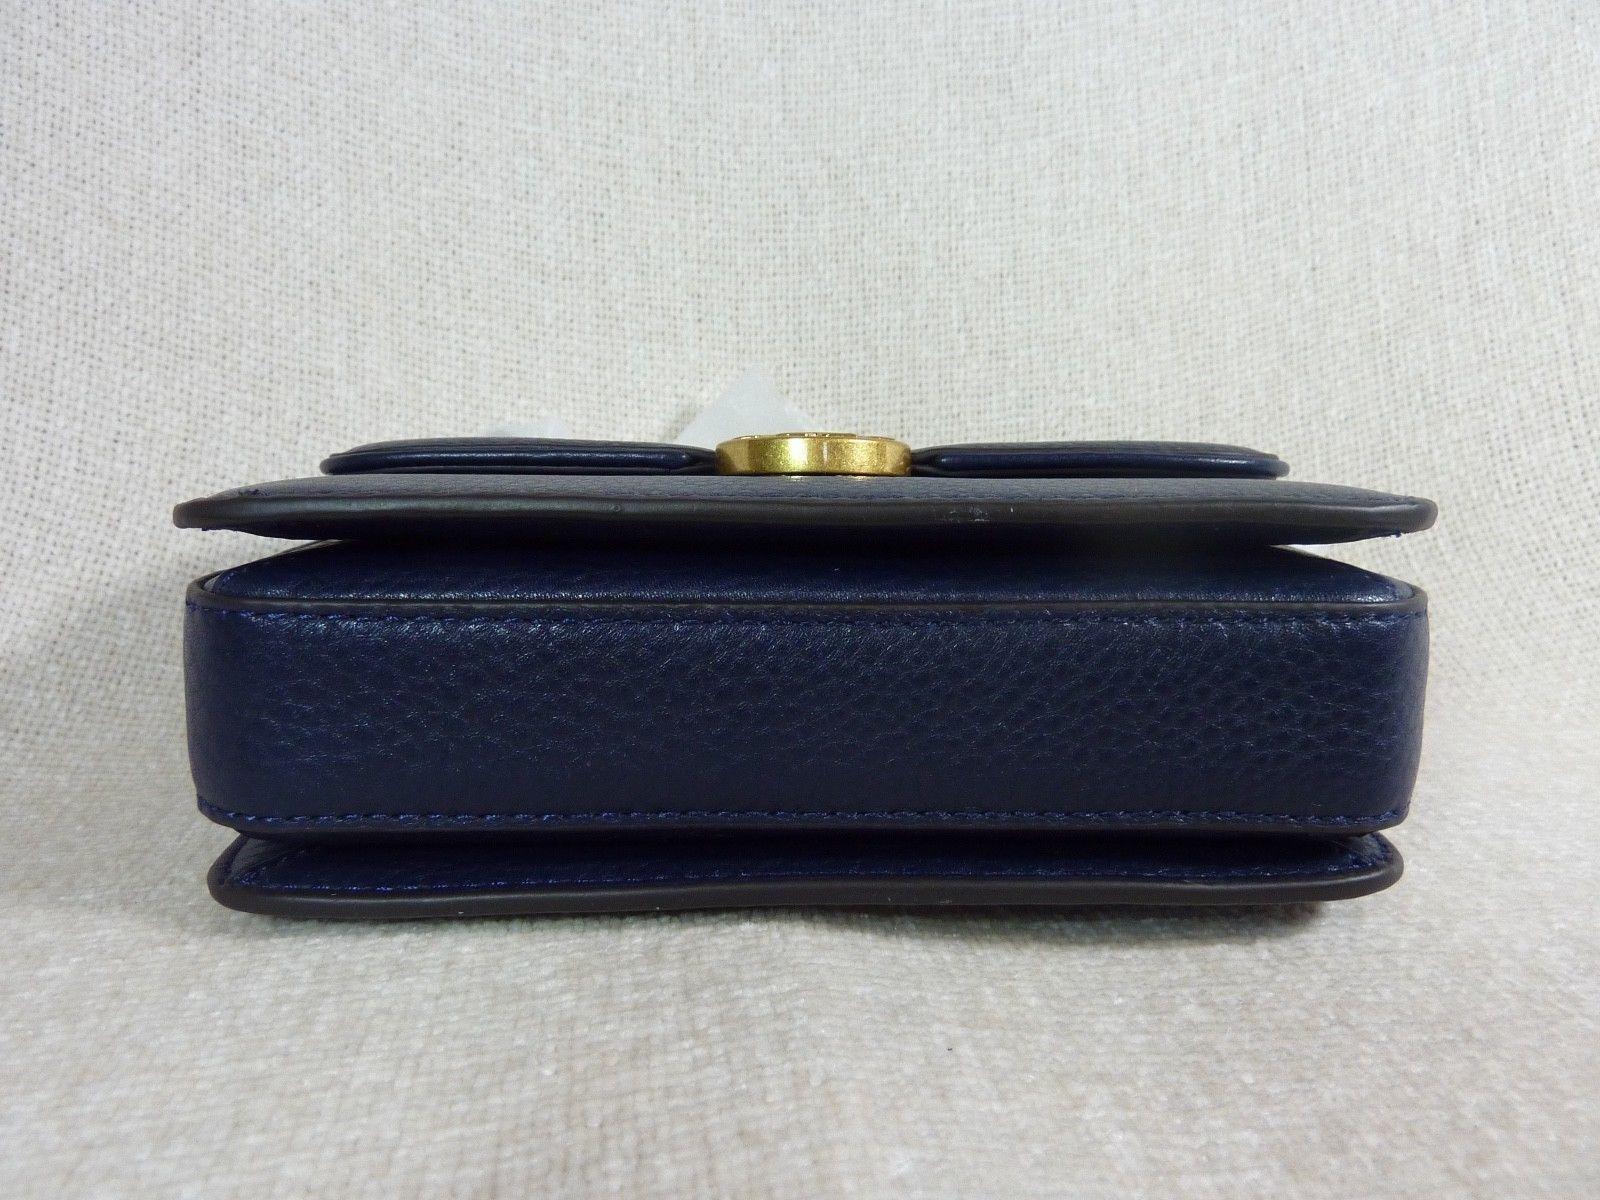 Neuf avec Étiquettes Tory Burch Marine Royale Chelsea Mini Sac Bandoulière image 6